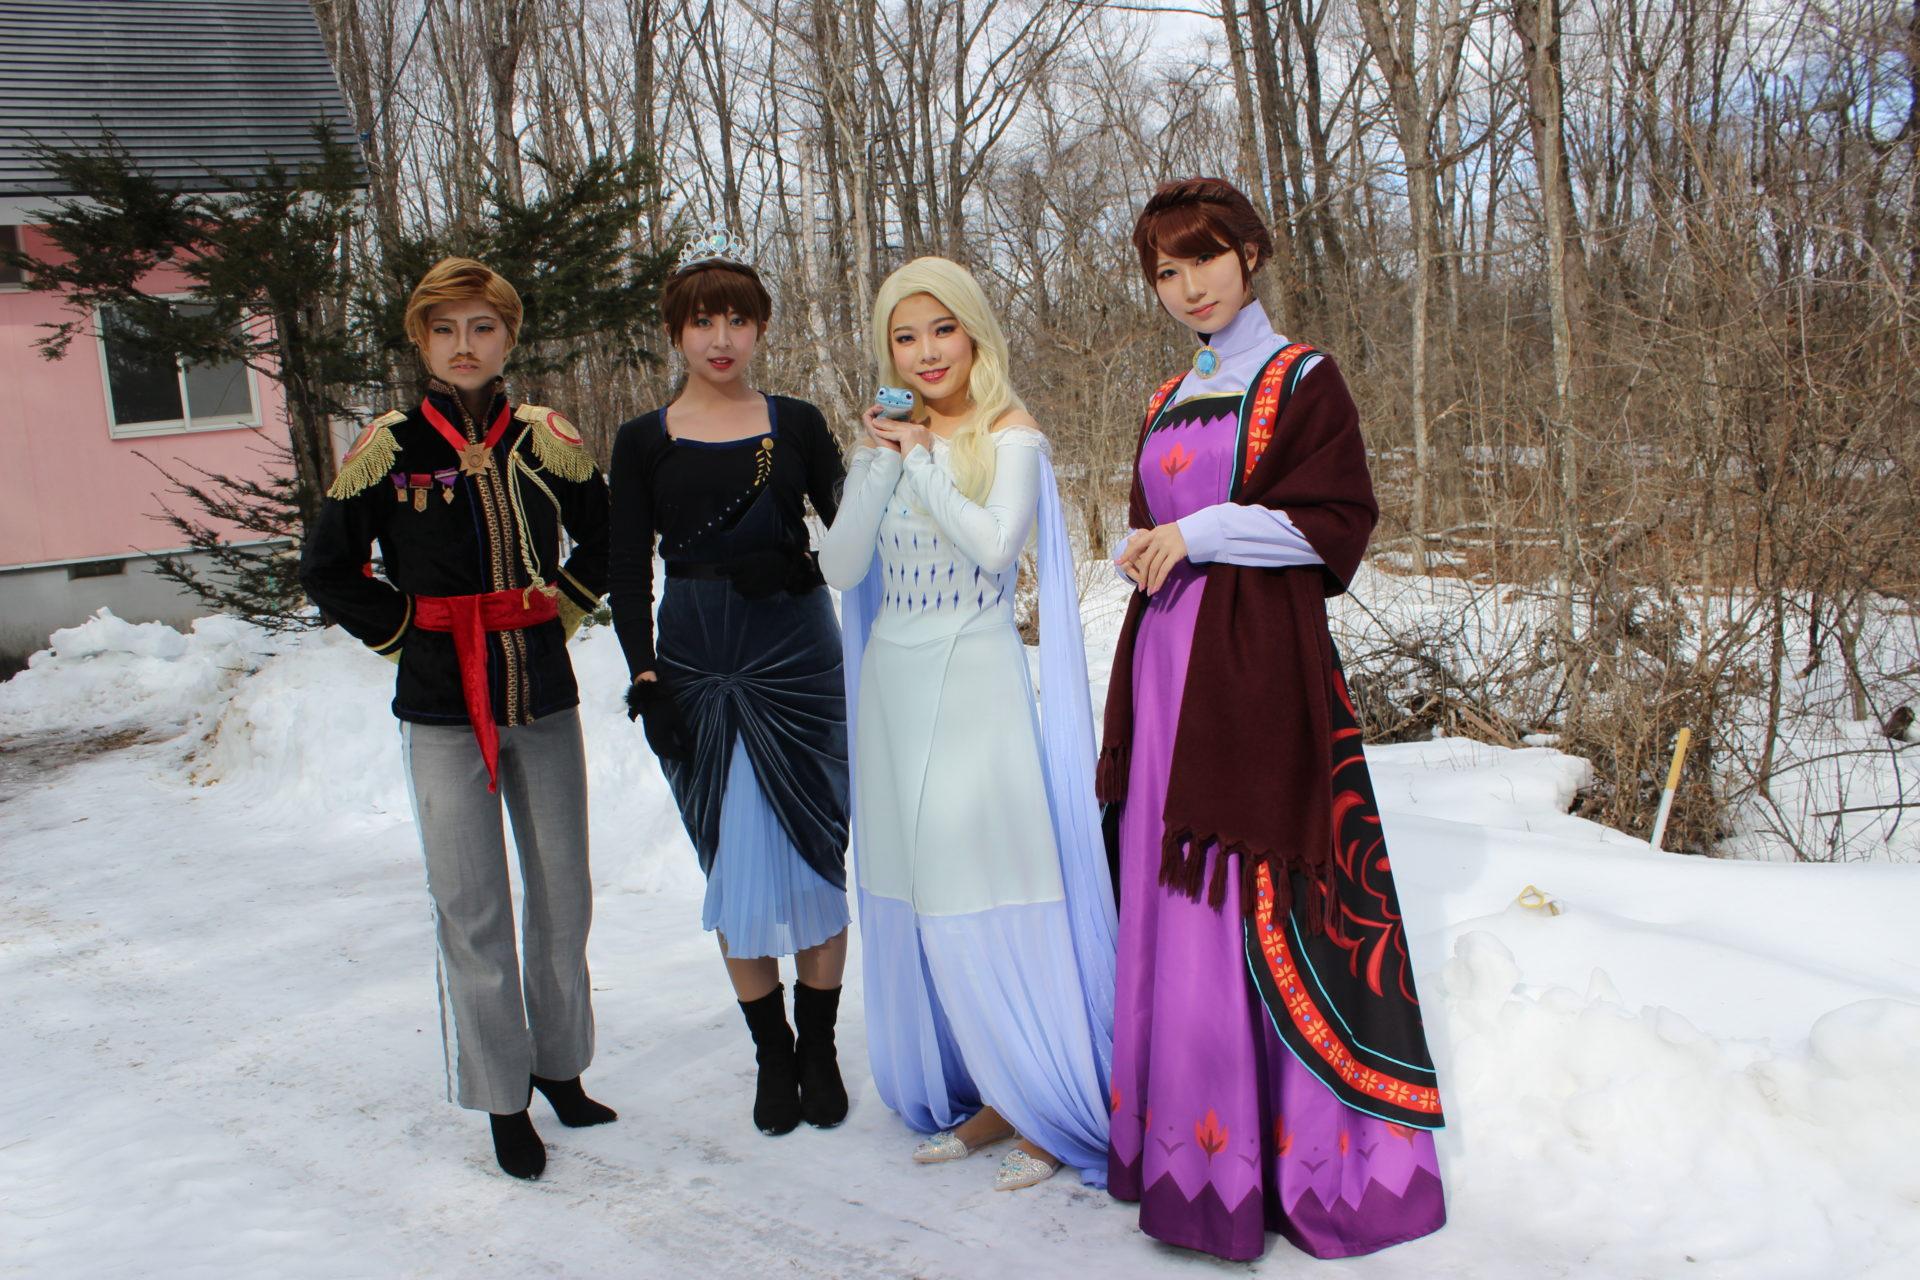 アレンデール王国の人々2020年2月7日コスプレ撮影貸別荘ルネス軽井沢のコテージ「エクセル」